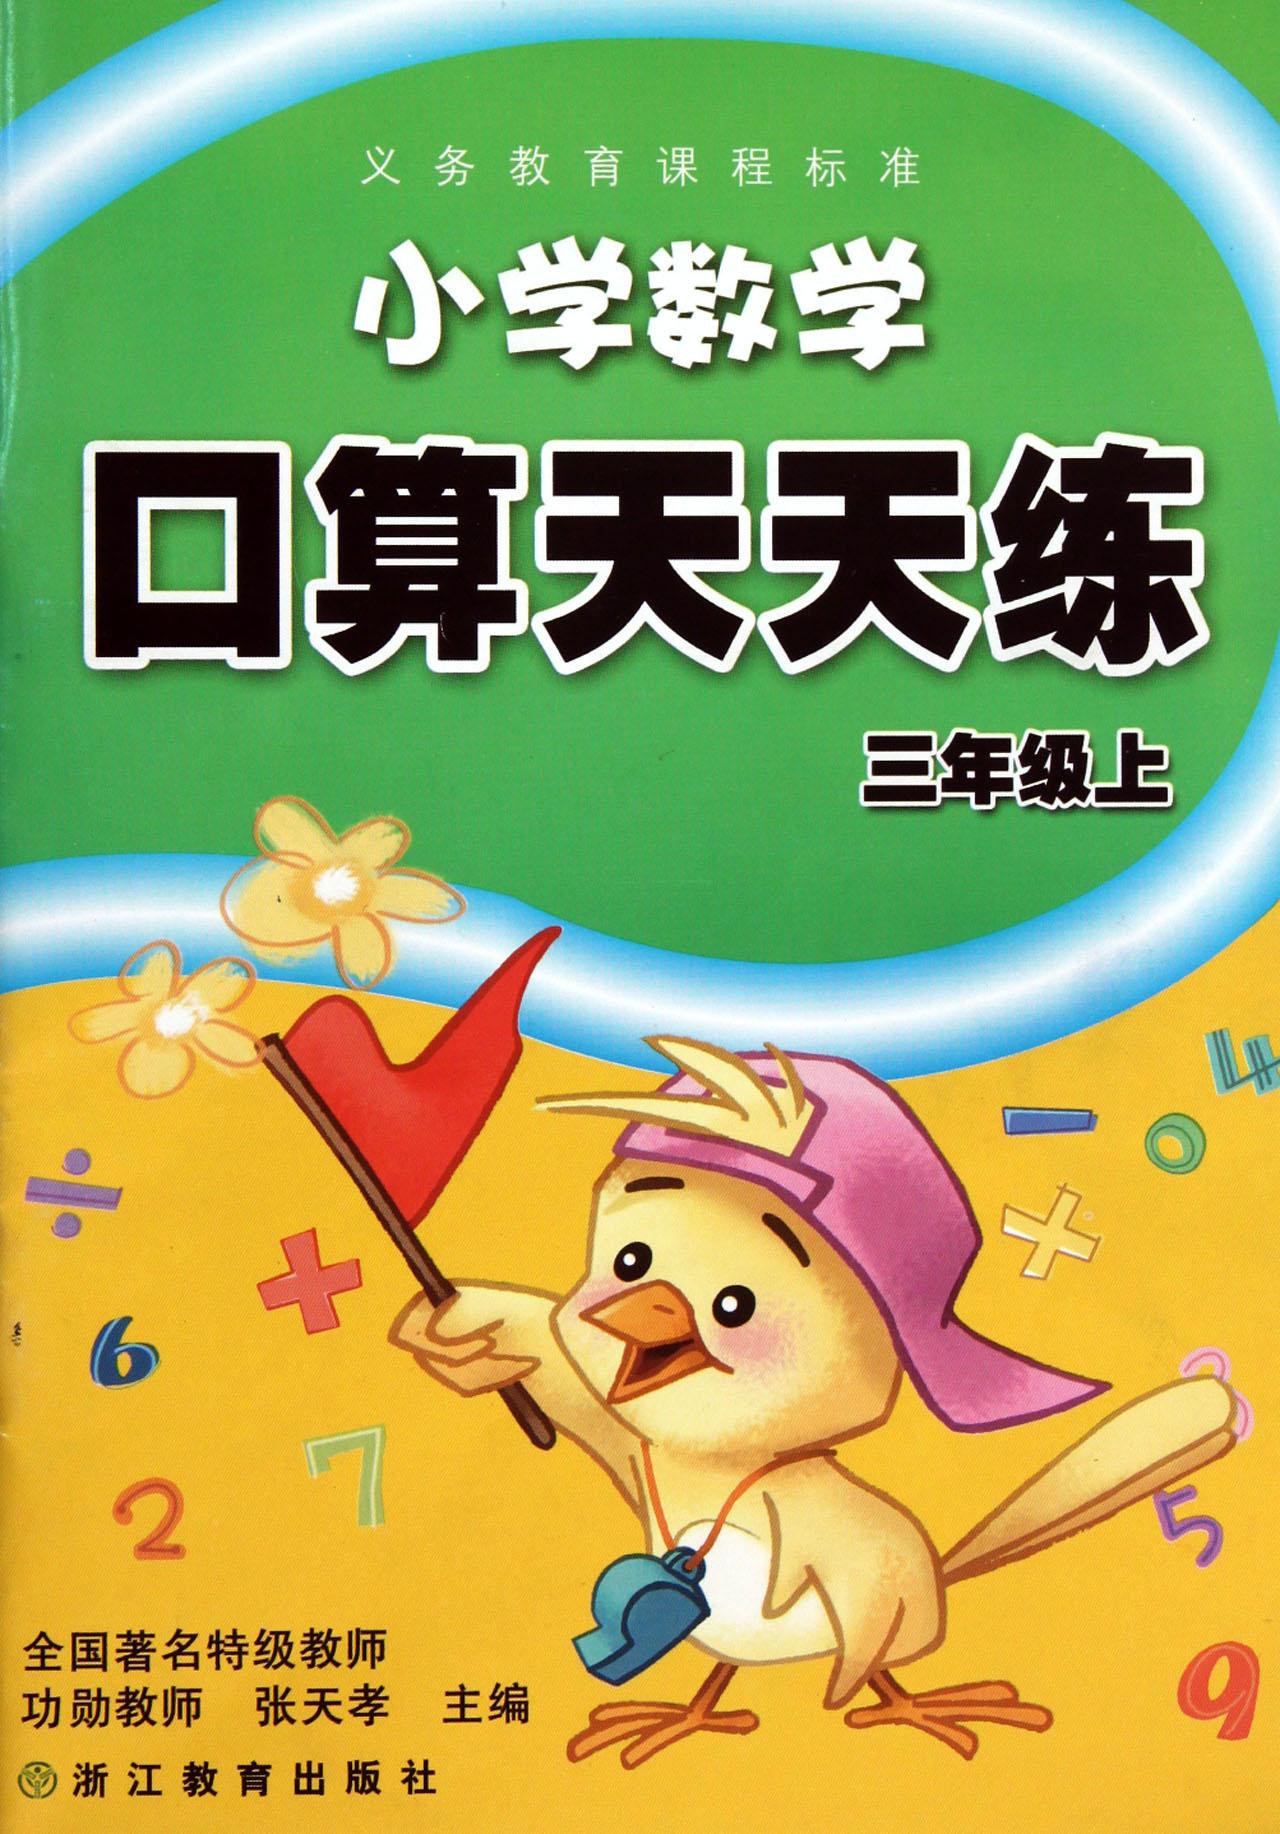 一年级 下; 正版张天孝编著浙江教育小学数学口算天天练一年级下